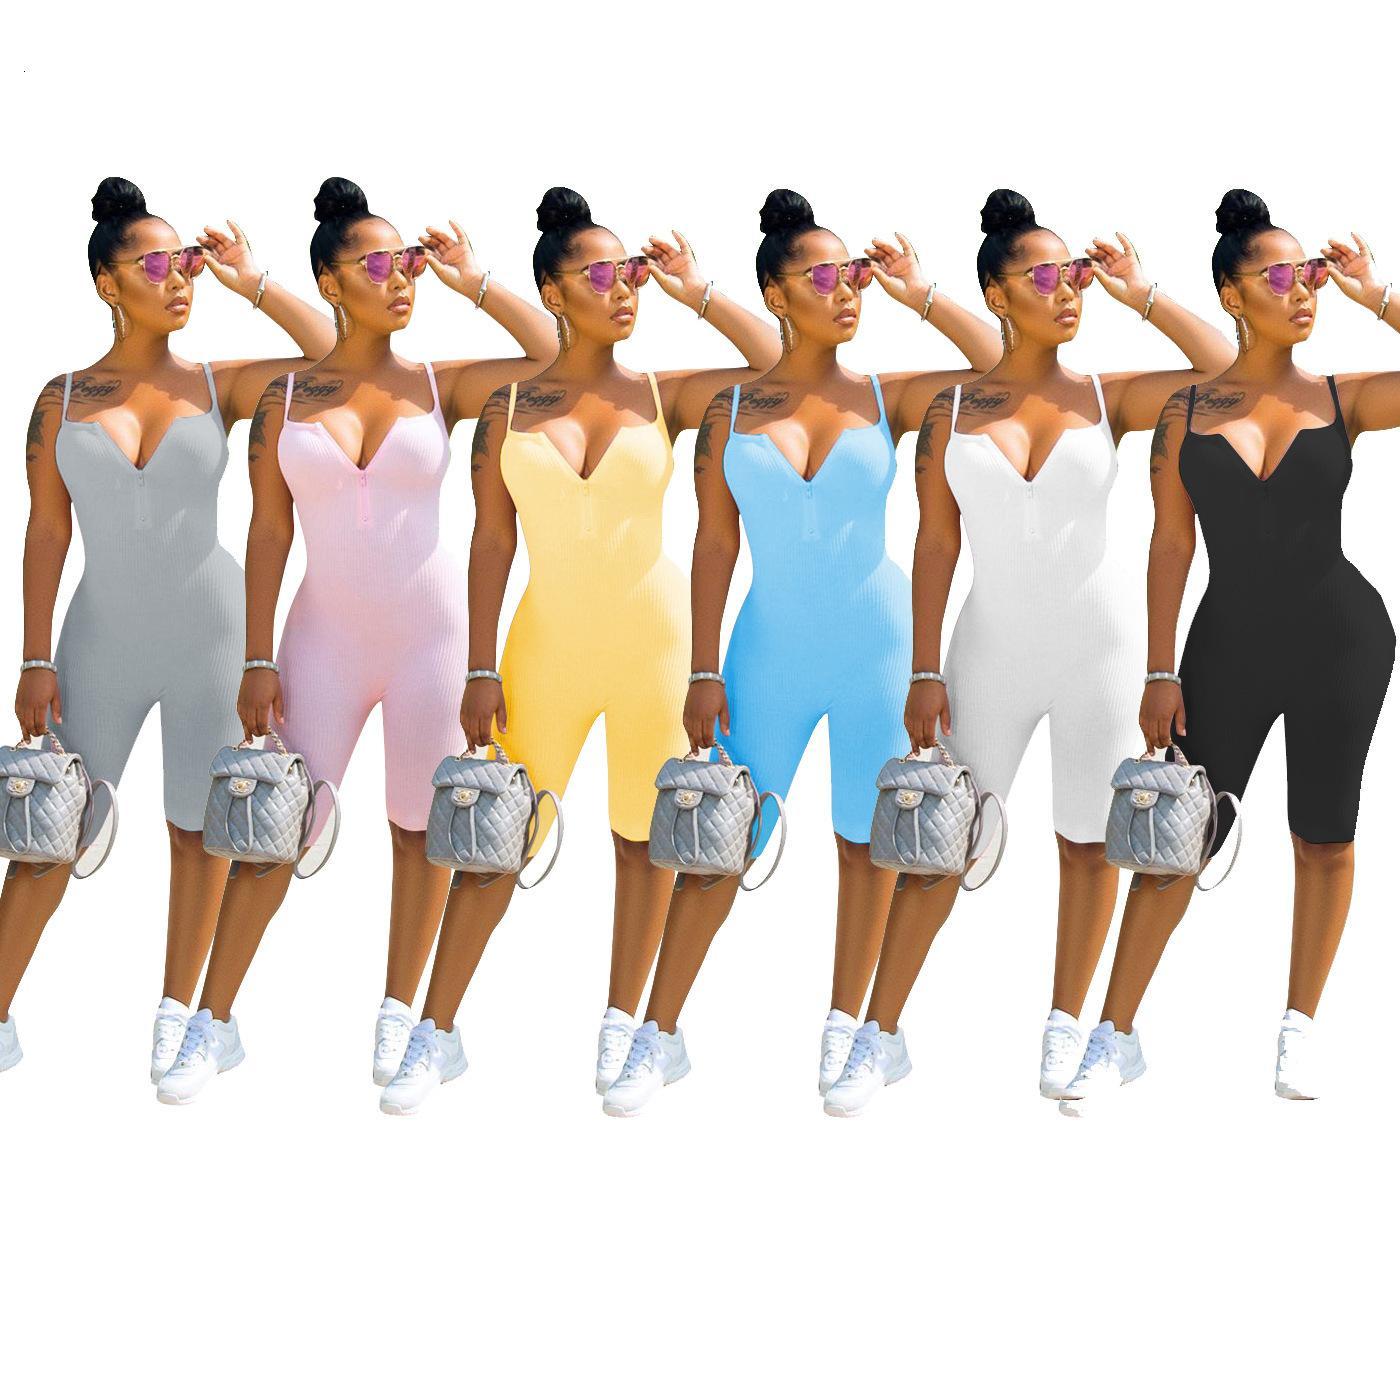 Designer donne due pezzi Outfits womens donne della tuta sportswear calda nuova migliore vendita precipitò OXBQ casuale preferito